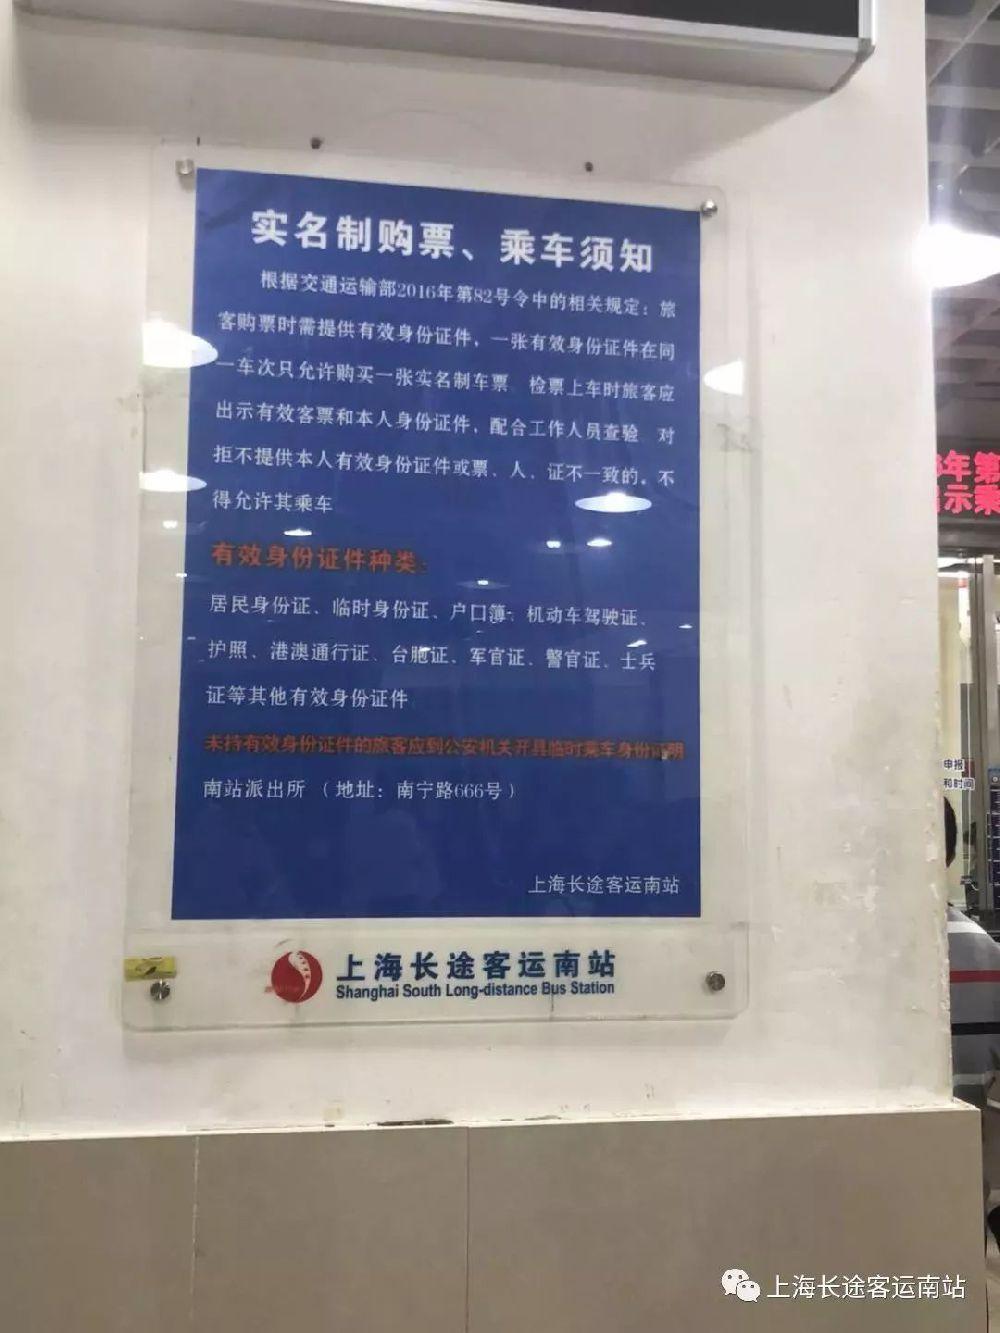 2019上海春节长途汽车票1月4日起开售 可手机购票